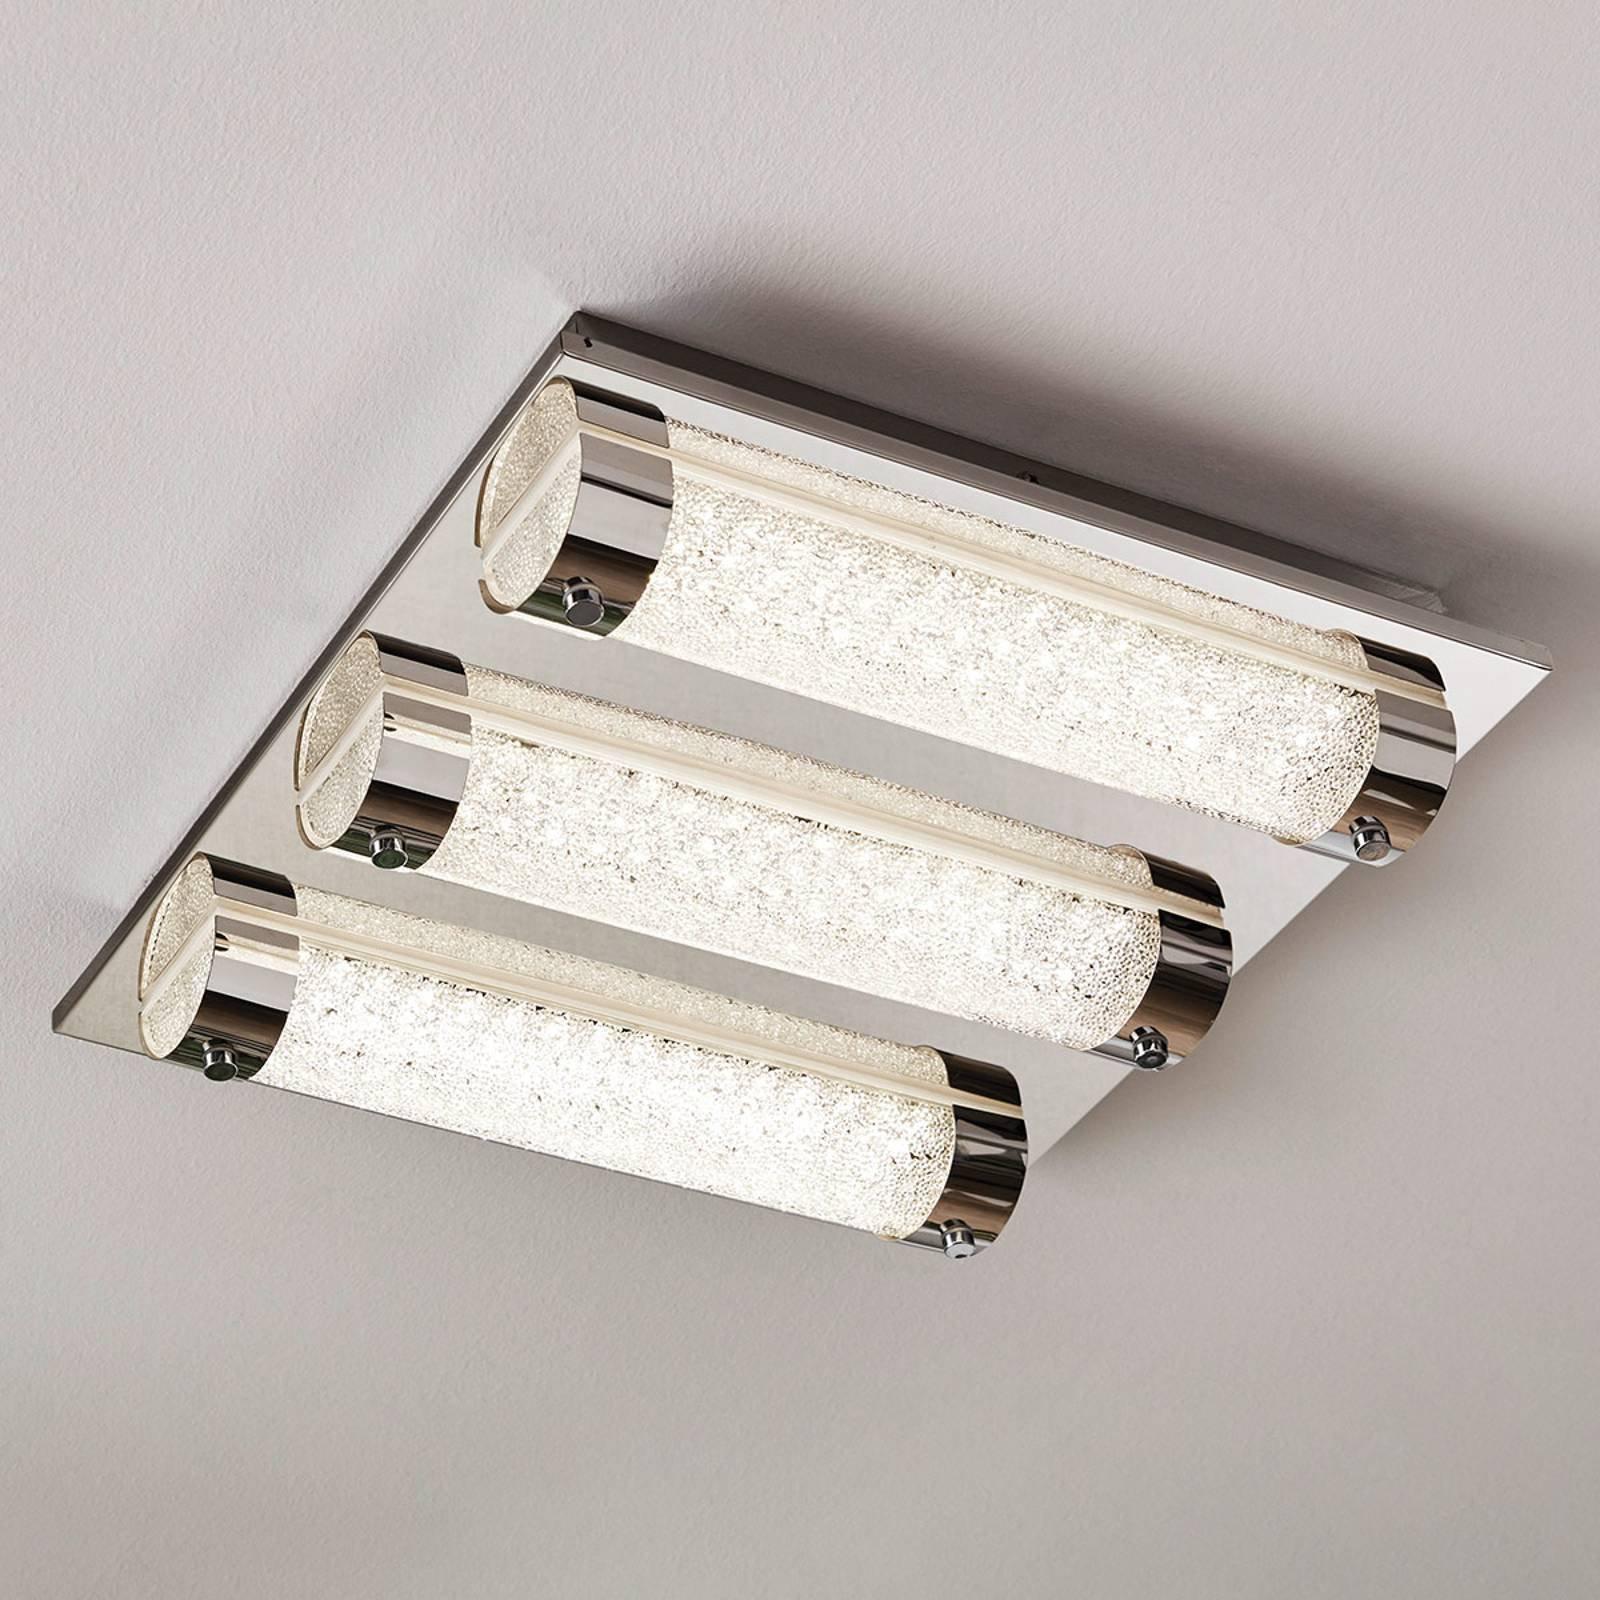 LED-taklampe Tolorico, 35 cm kvadratisk